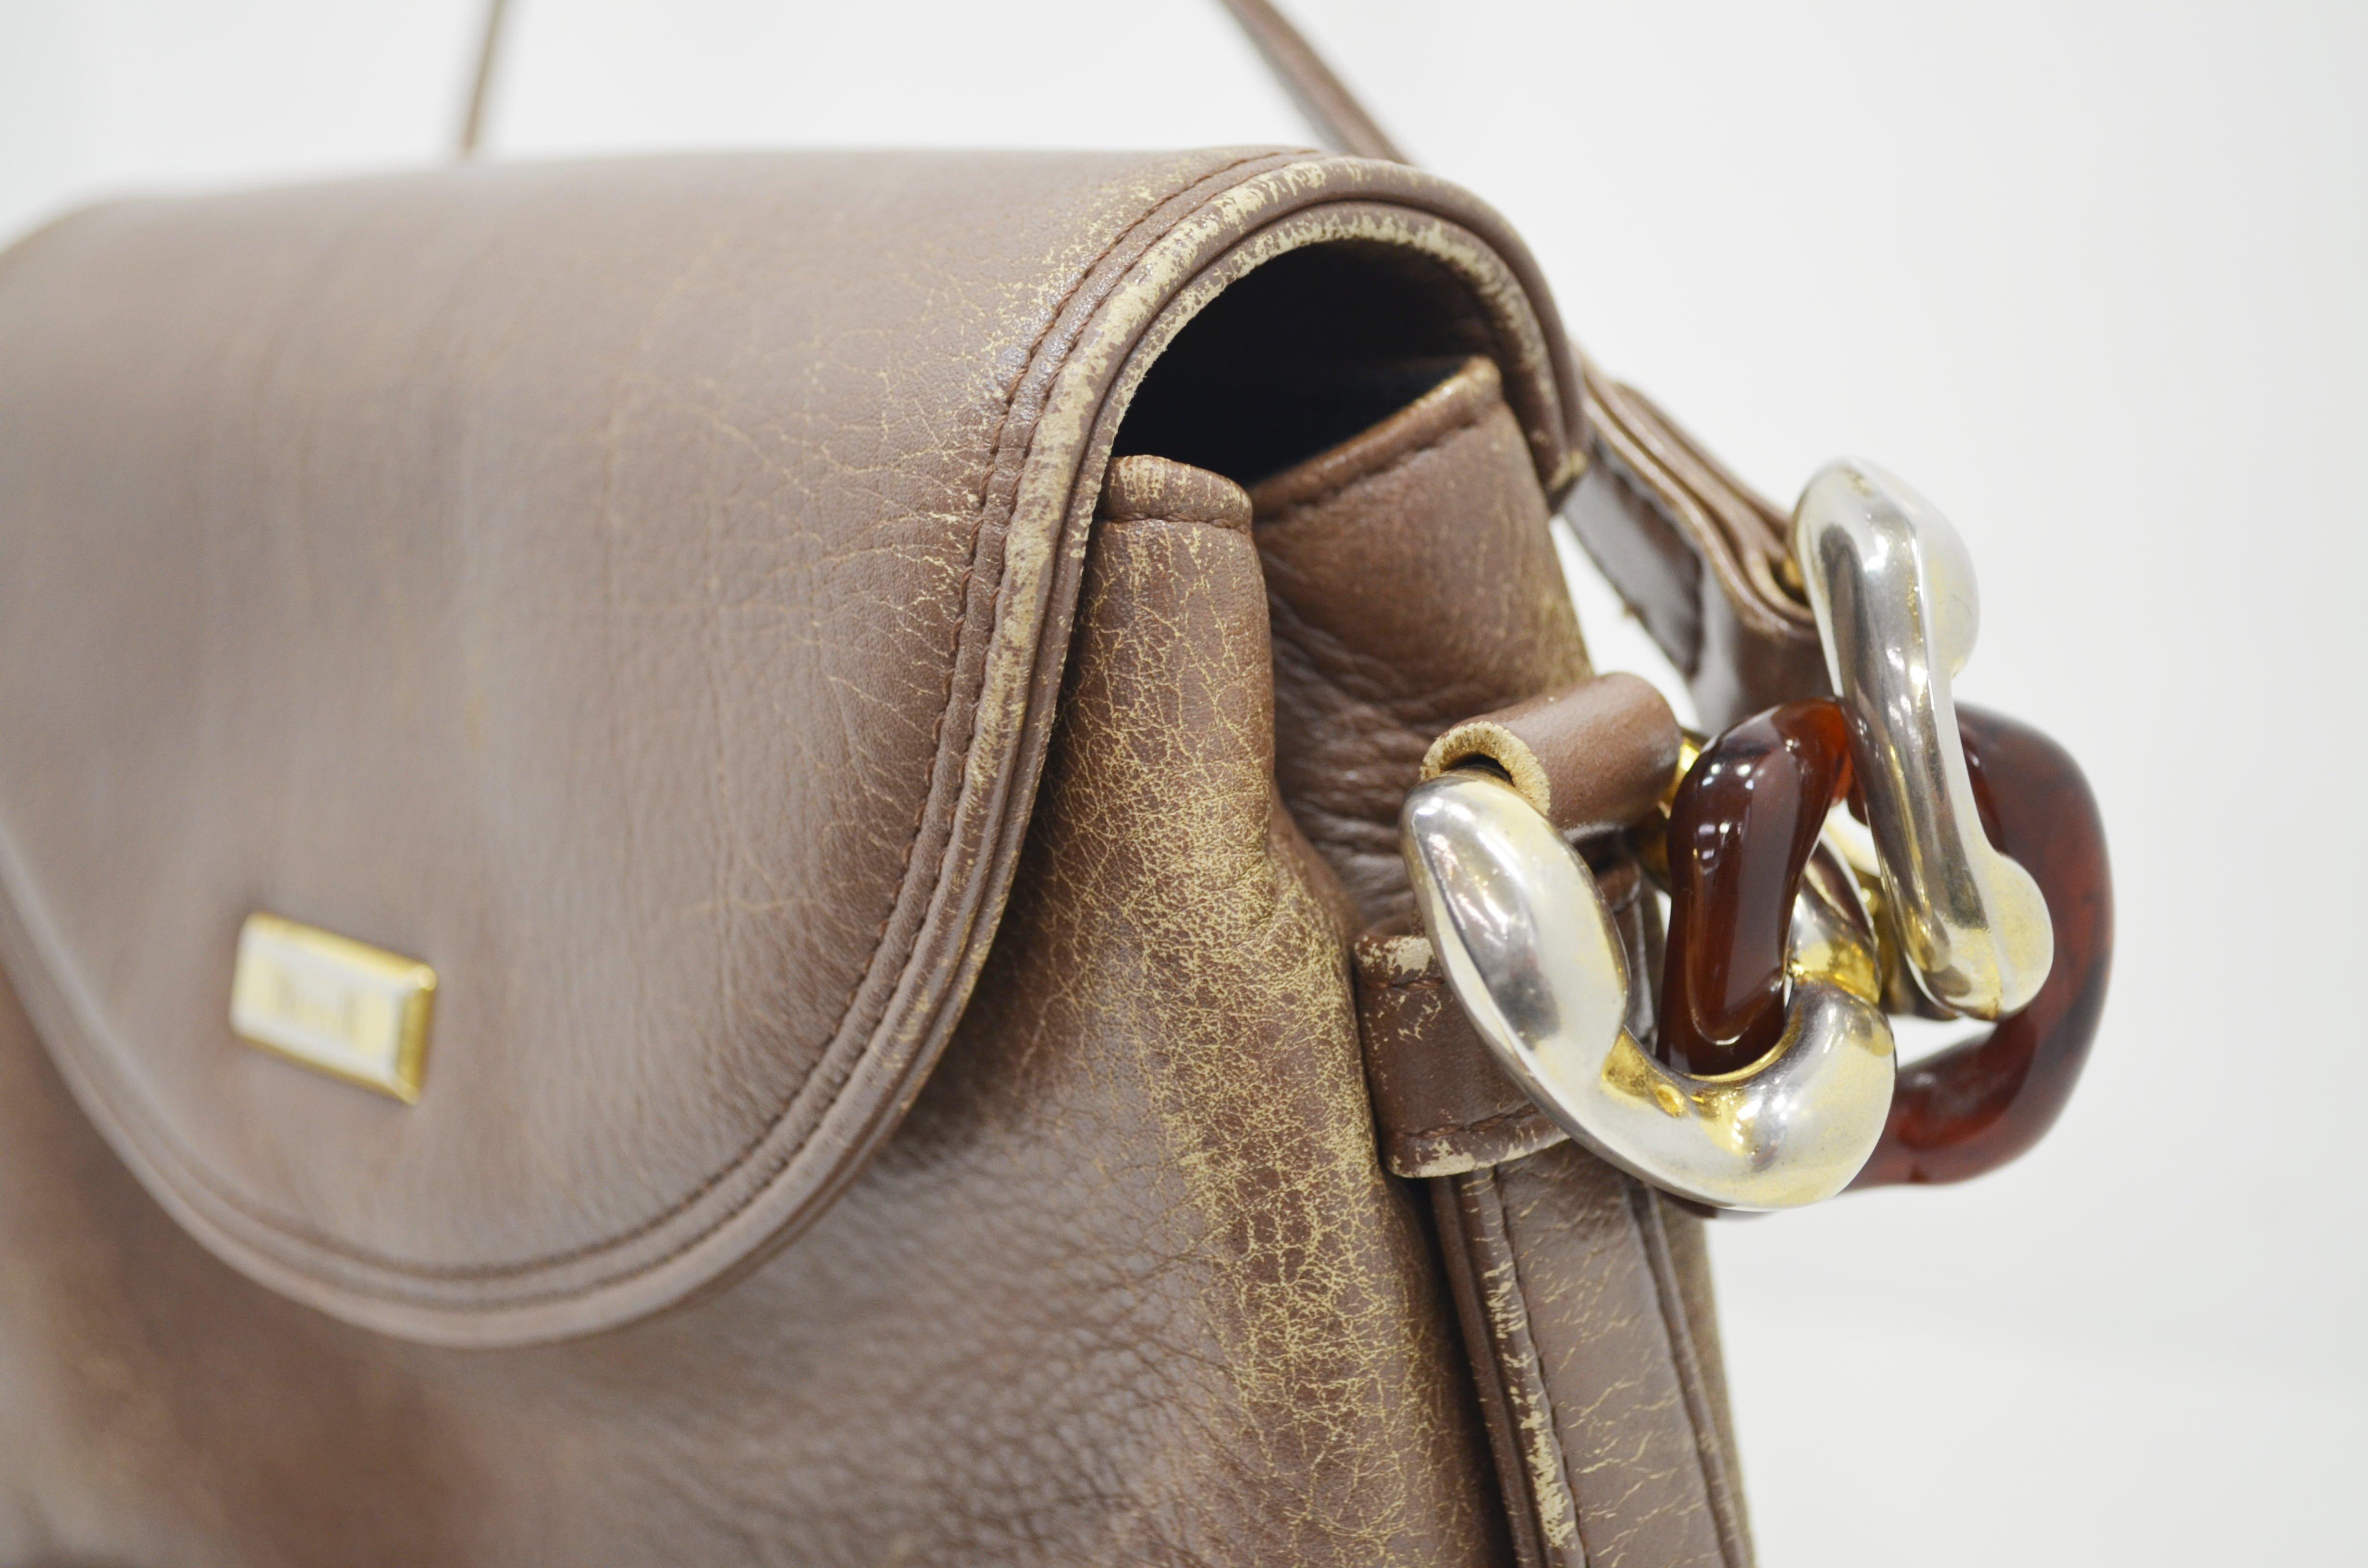 マレリー鞄・バッグのクリーニング事例側面